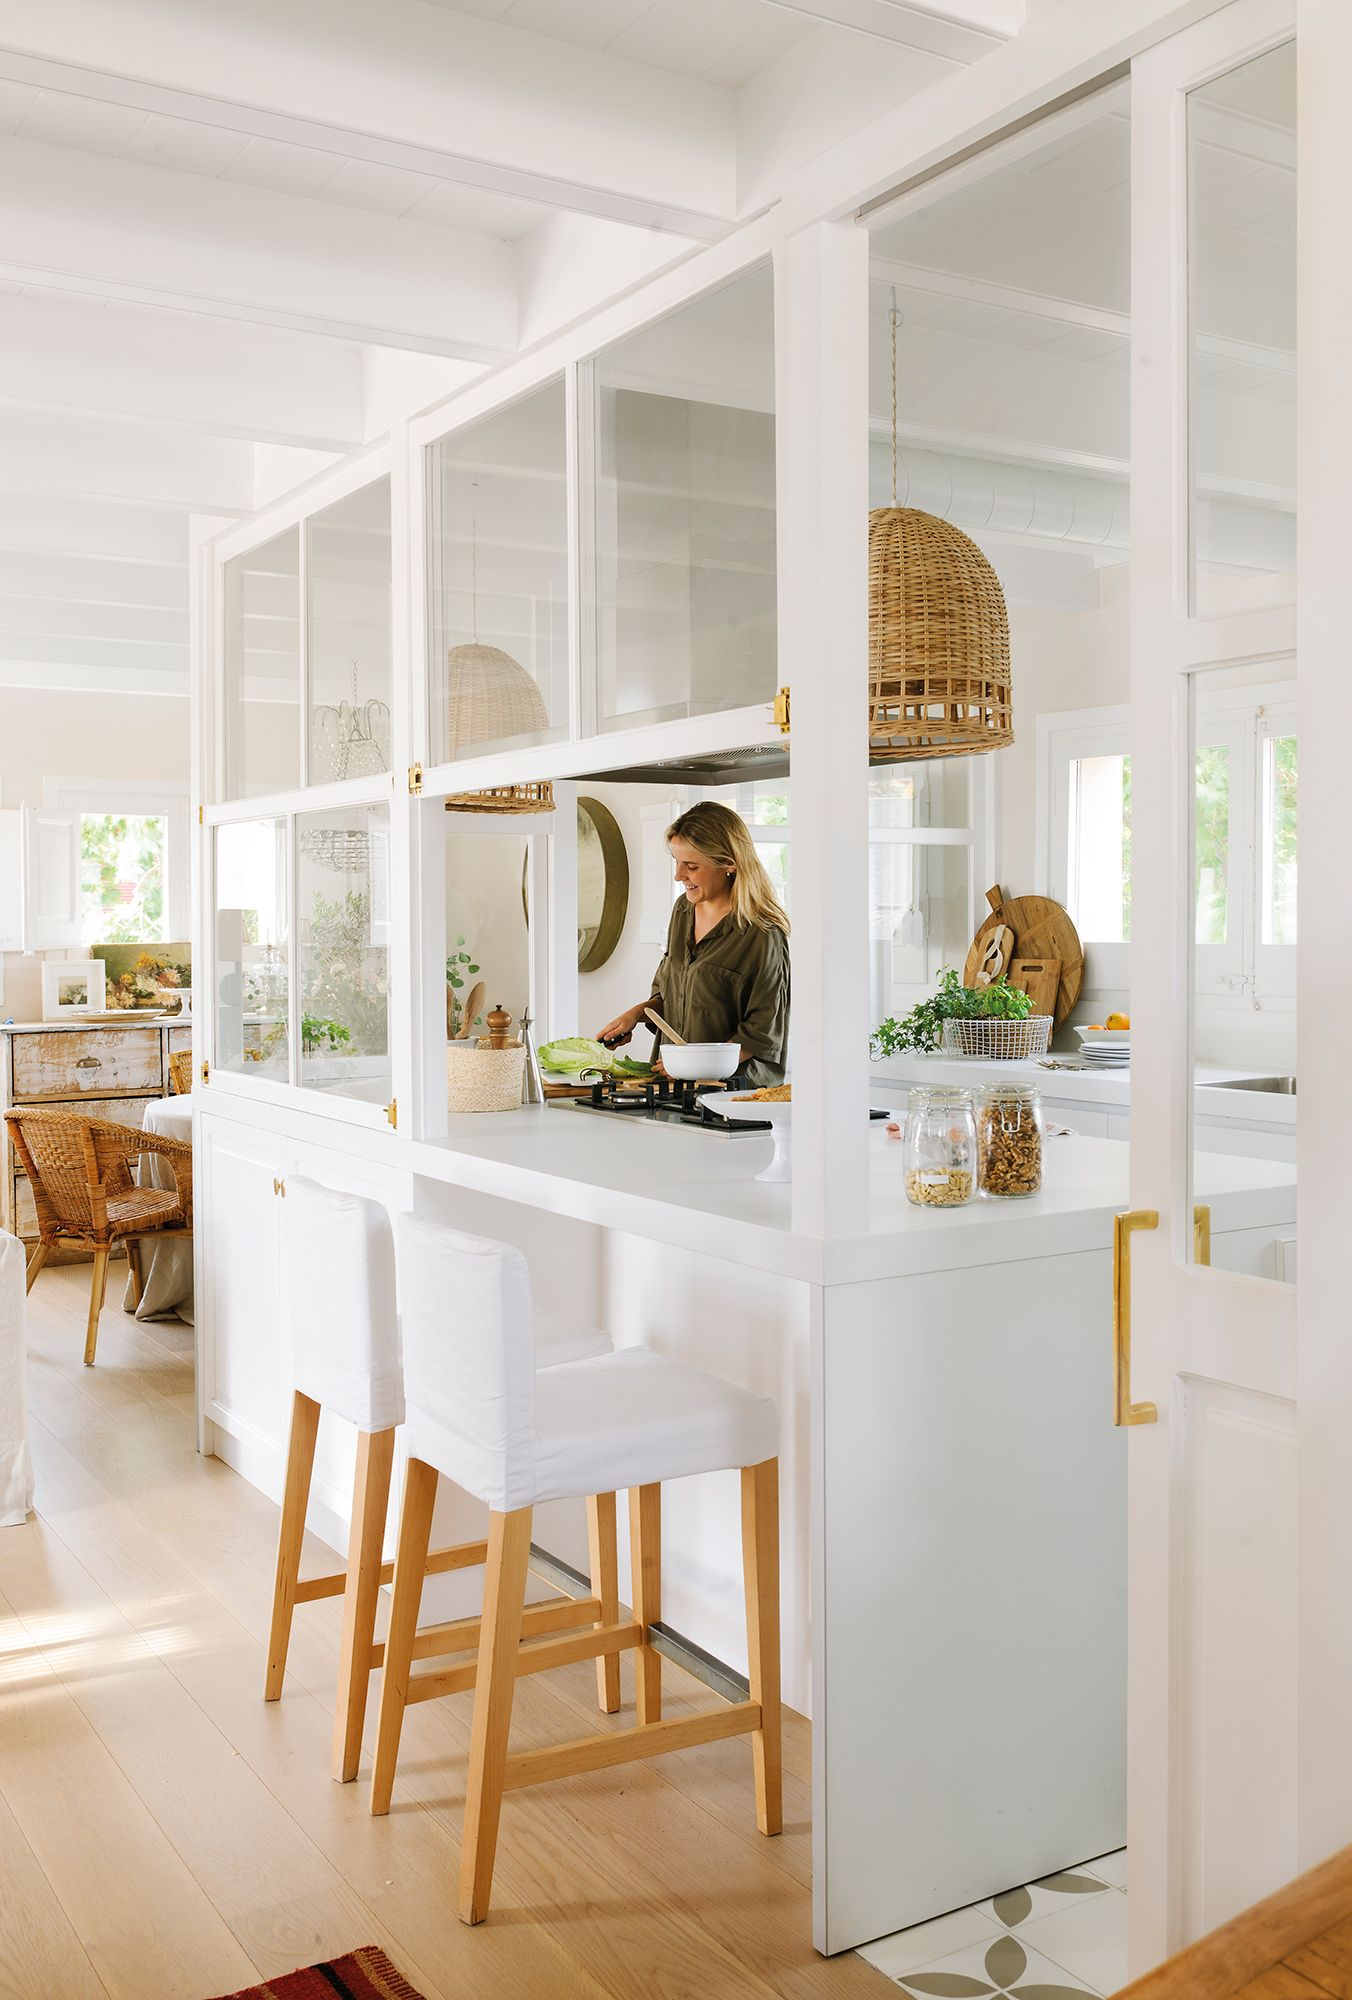 A qué distancia se colocan los muebles altos de la cocina?